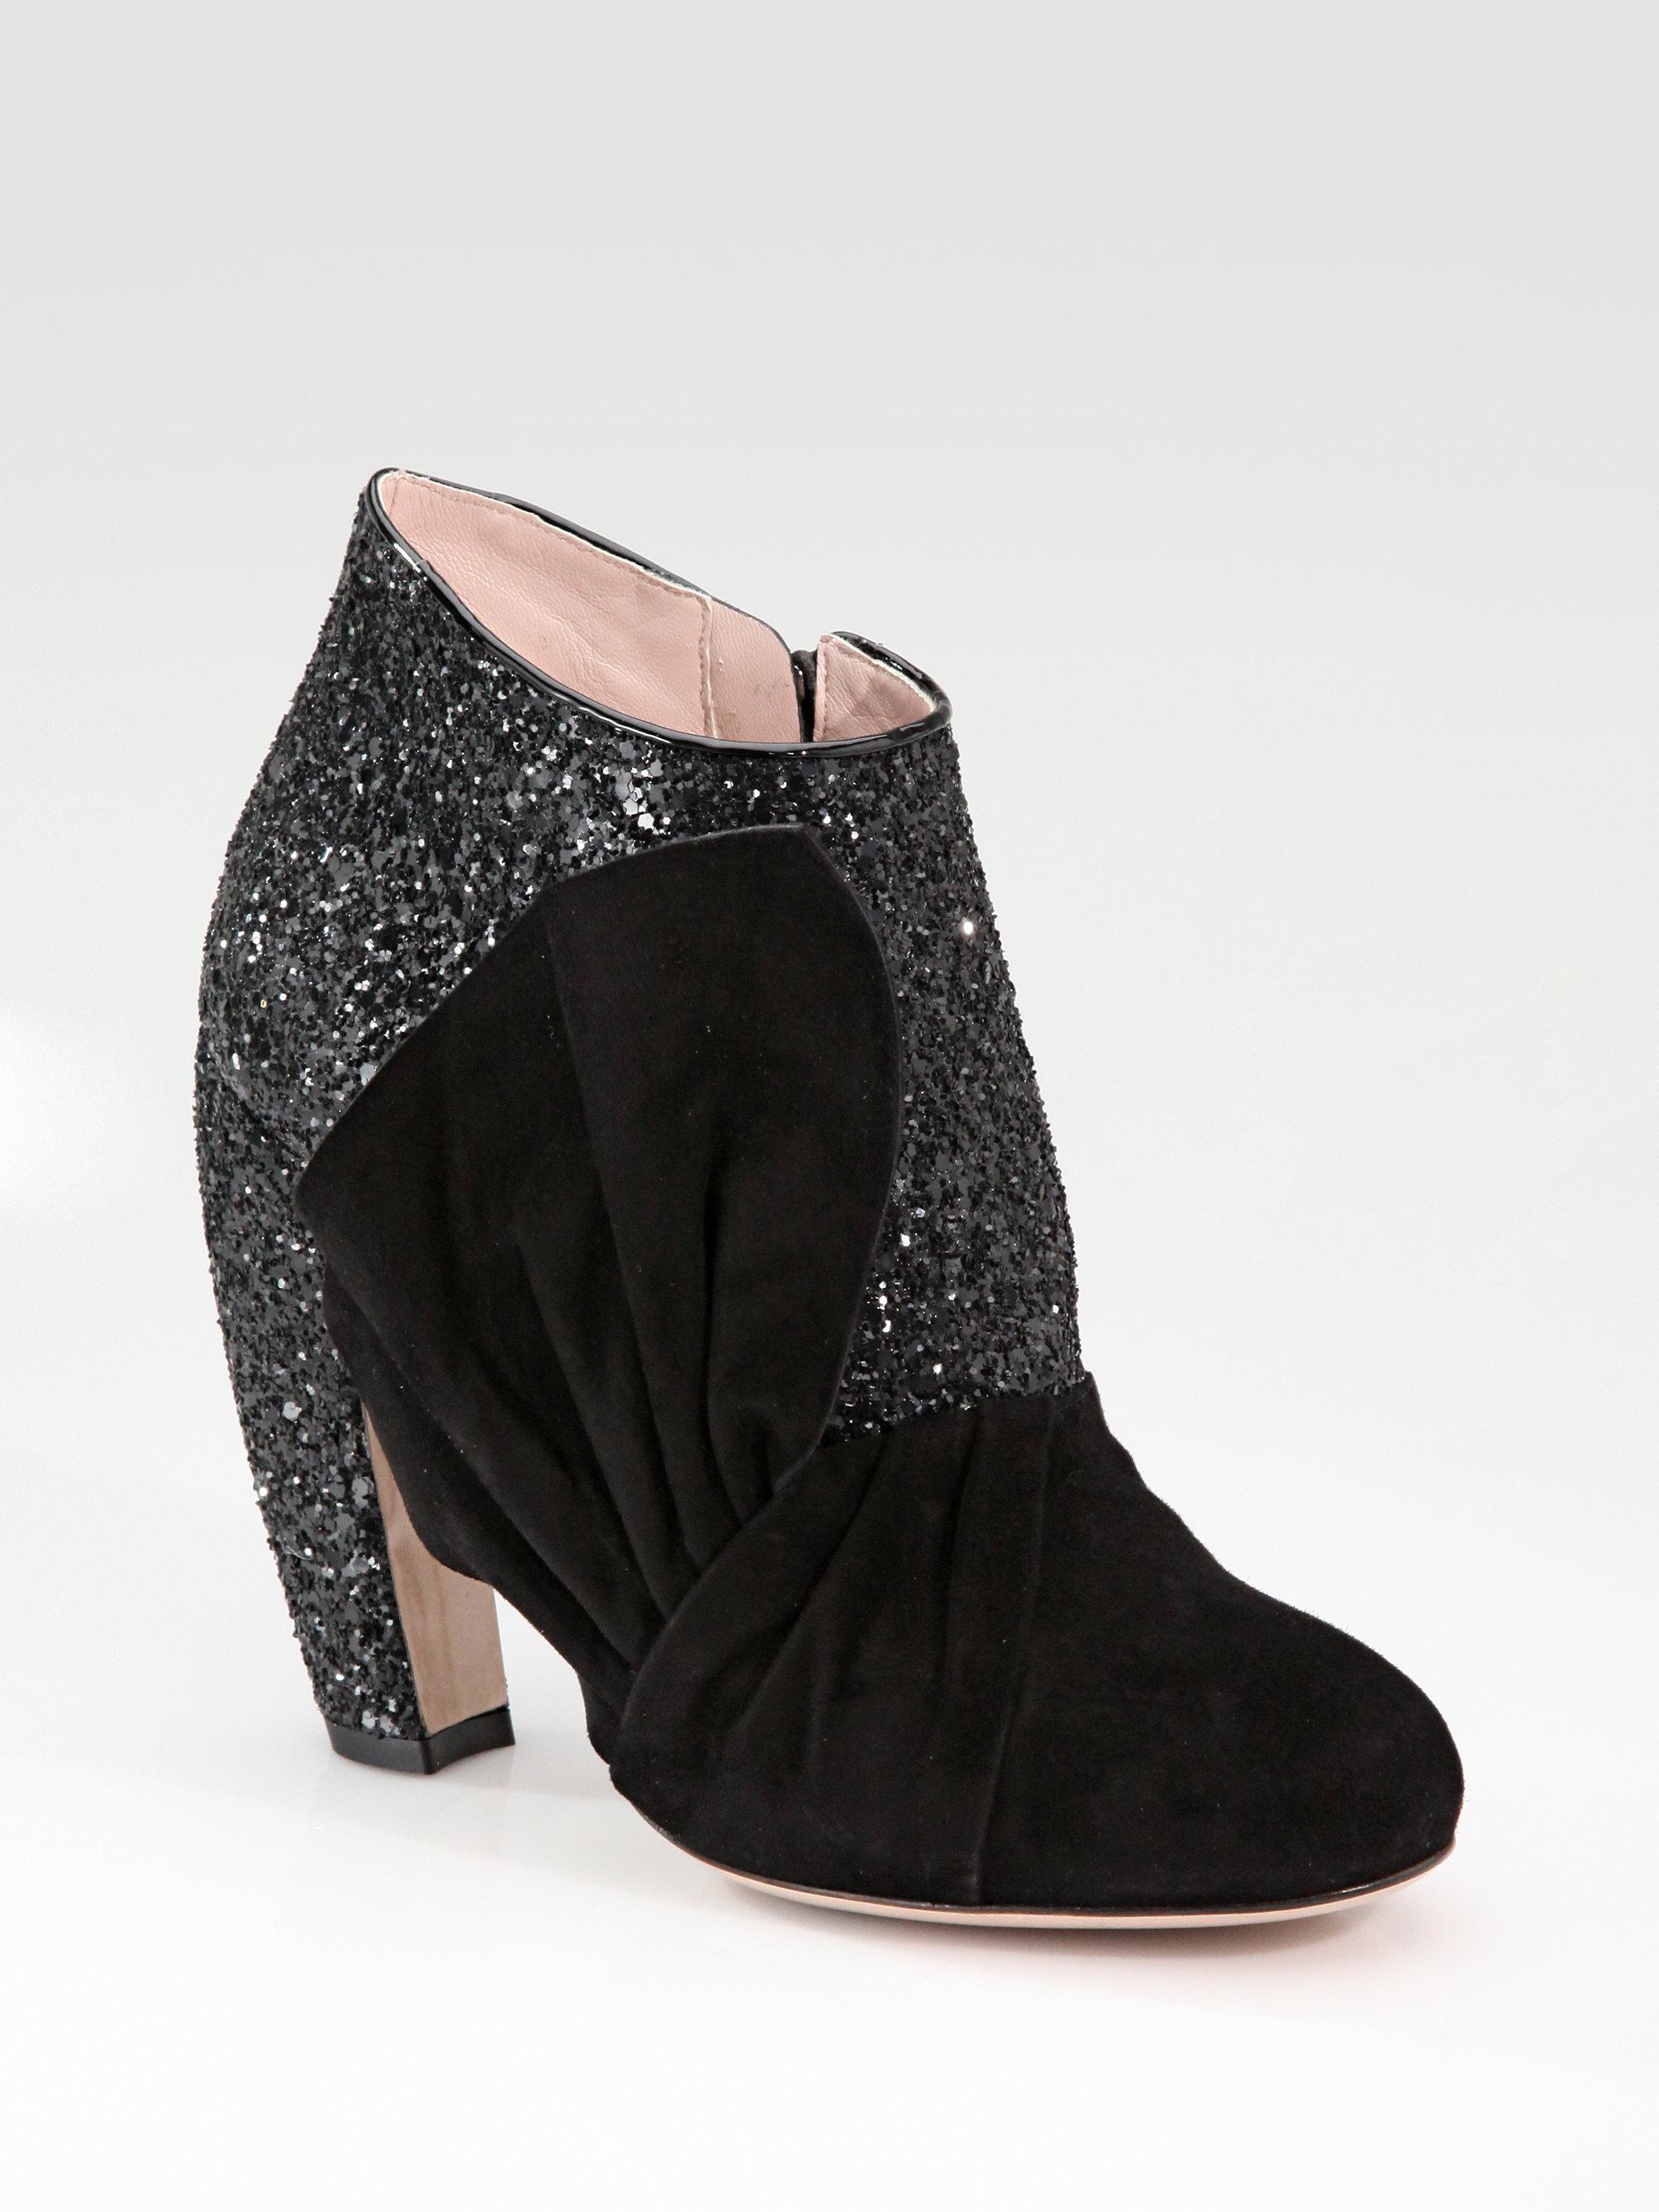 6b20d7c6e96e Lyst - Miu Miu Glitter Suede Bow Ankle Boots in Black